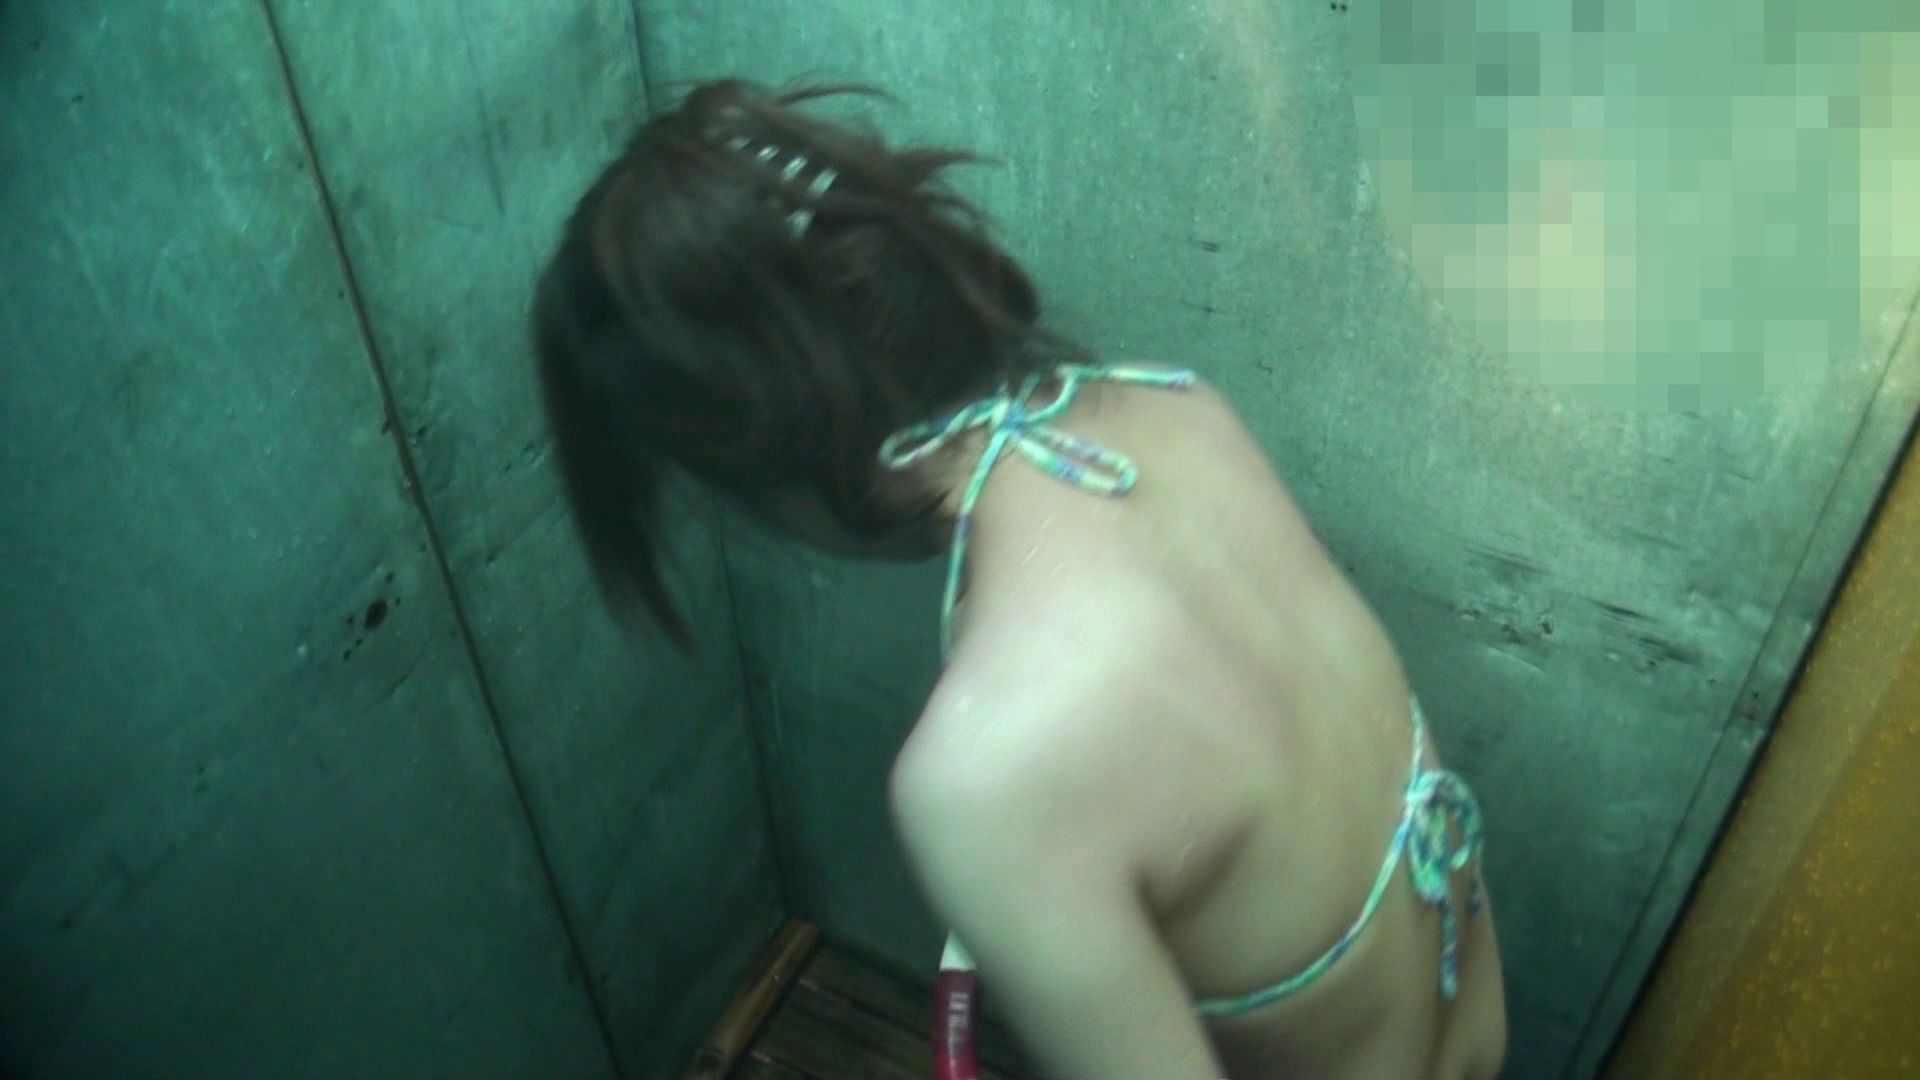 シャワールームは超!!危険な香りVol.15 残念ですが乳首未確認 マンコの砂は入念に 高画質 ワレメ動画紹介 106画像 29